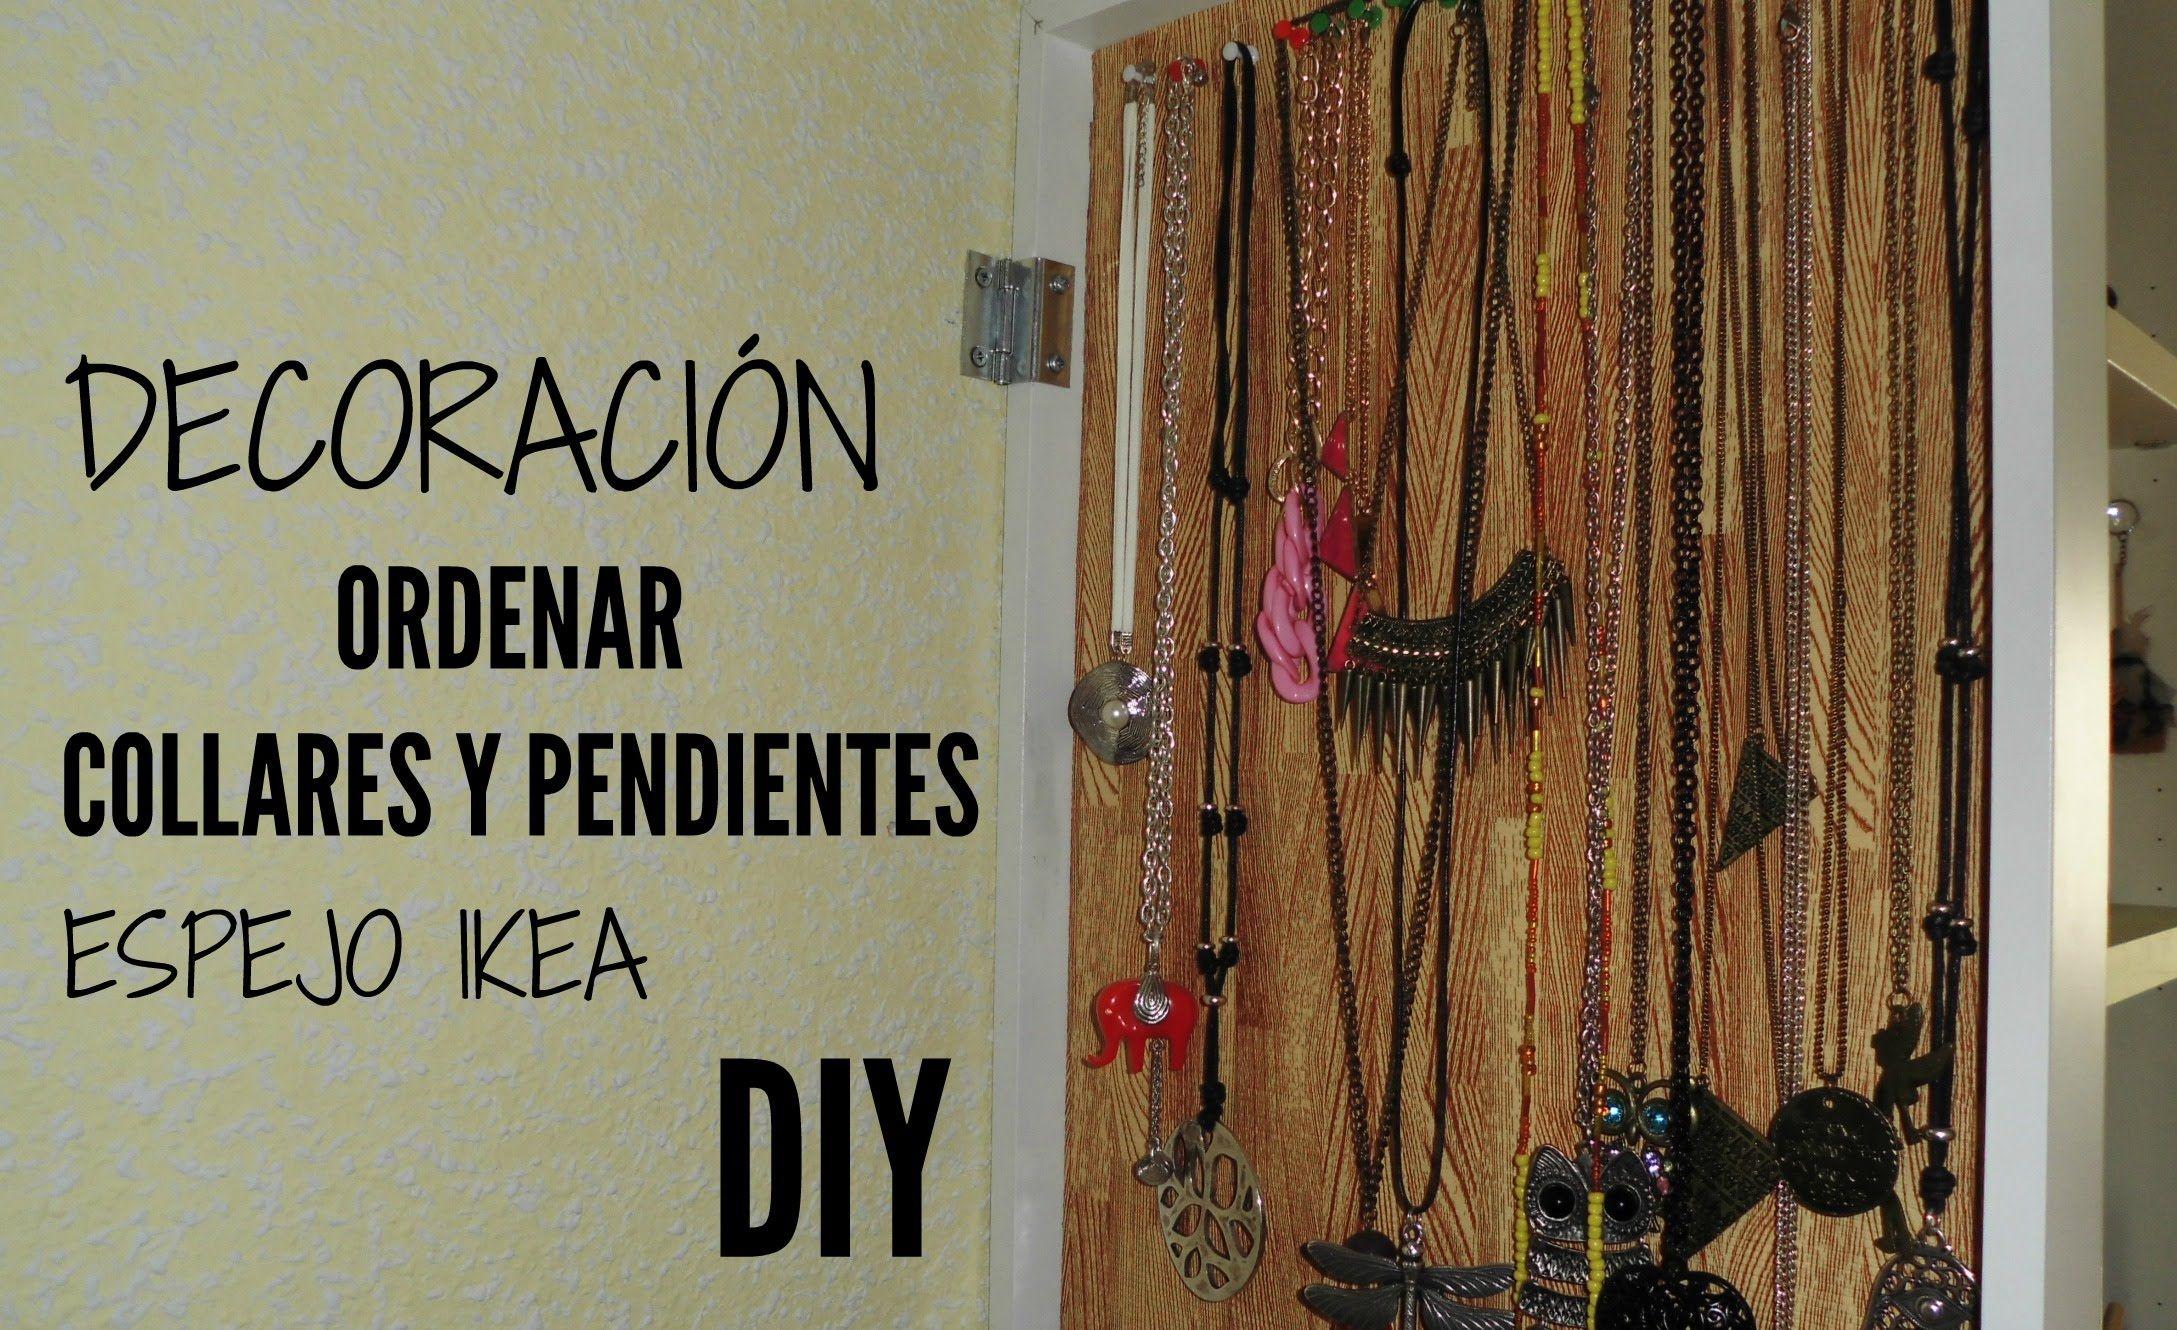 Ordenar collares y pendientes espejo ikea organize pinterest ikea espejo y pendientes - Colgador de collares ikea ...